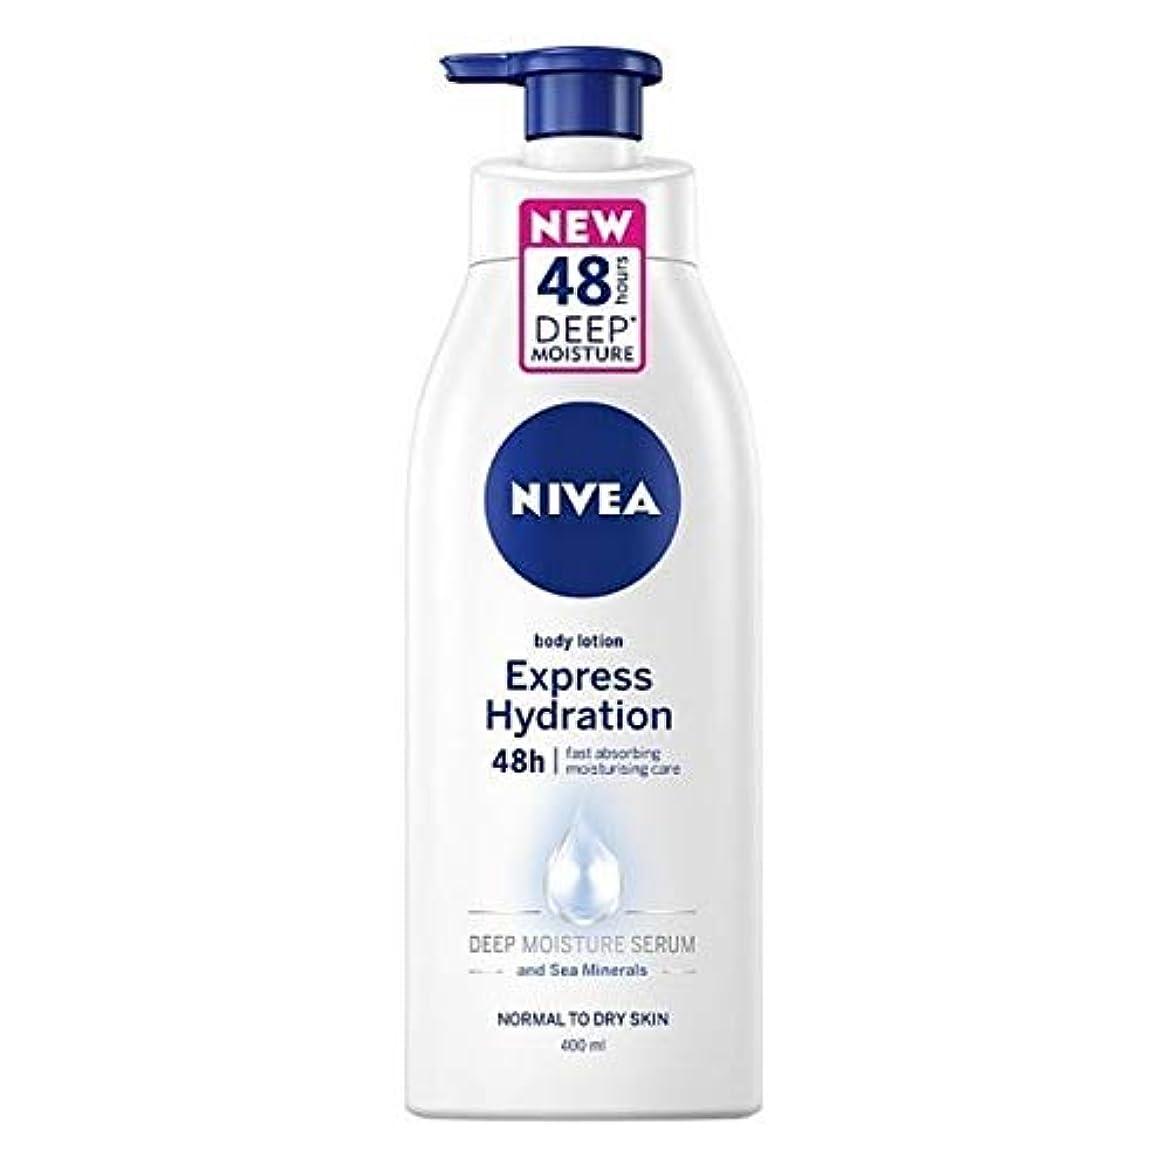 サーキットに行くフィット桁[Nivea ] 高速の急行水和ボディローション400ミリリットルを吸収ニベア - NIVEA Fast Absorbing Express Hydration Body Lotion 400ml [並行輸入品]